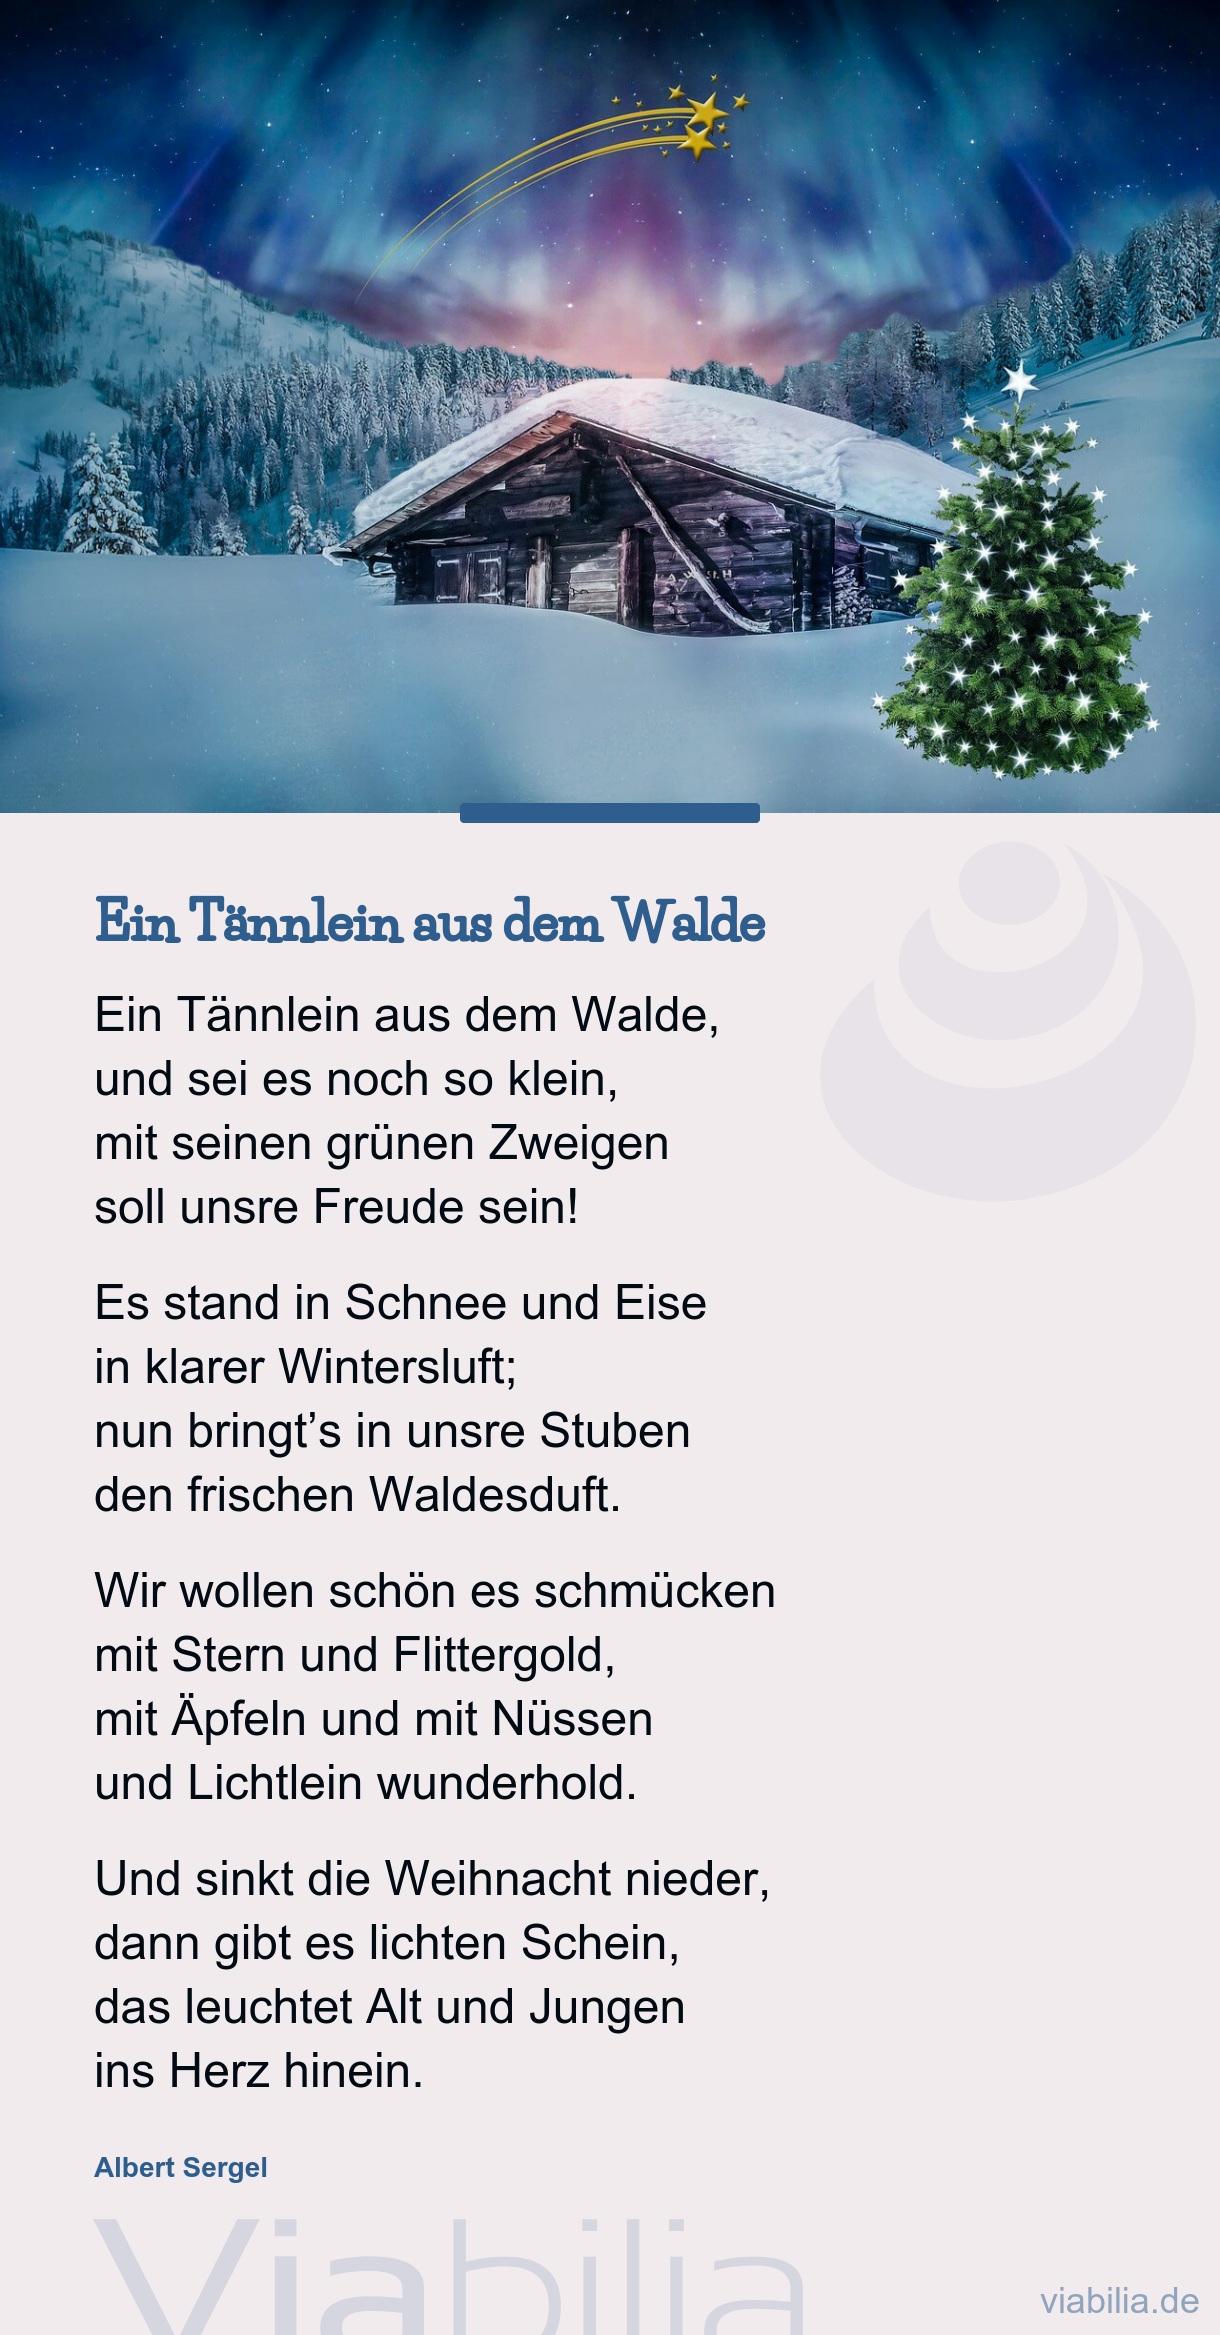 Weihnachtsgedicht: Ein Tännlein Aus Dem Walde - Weihnachtsgruß über Rainer Maria Rilke Weihnachtsgedichte